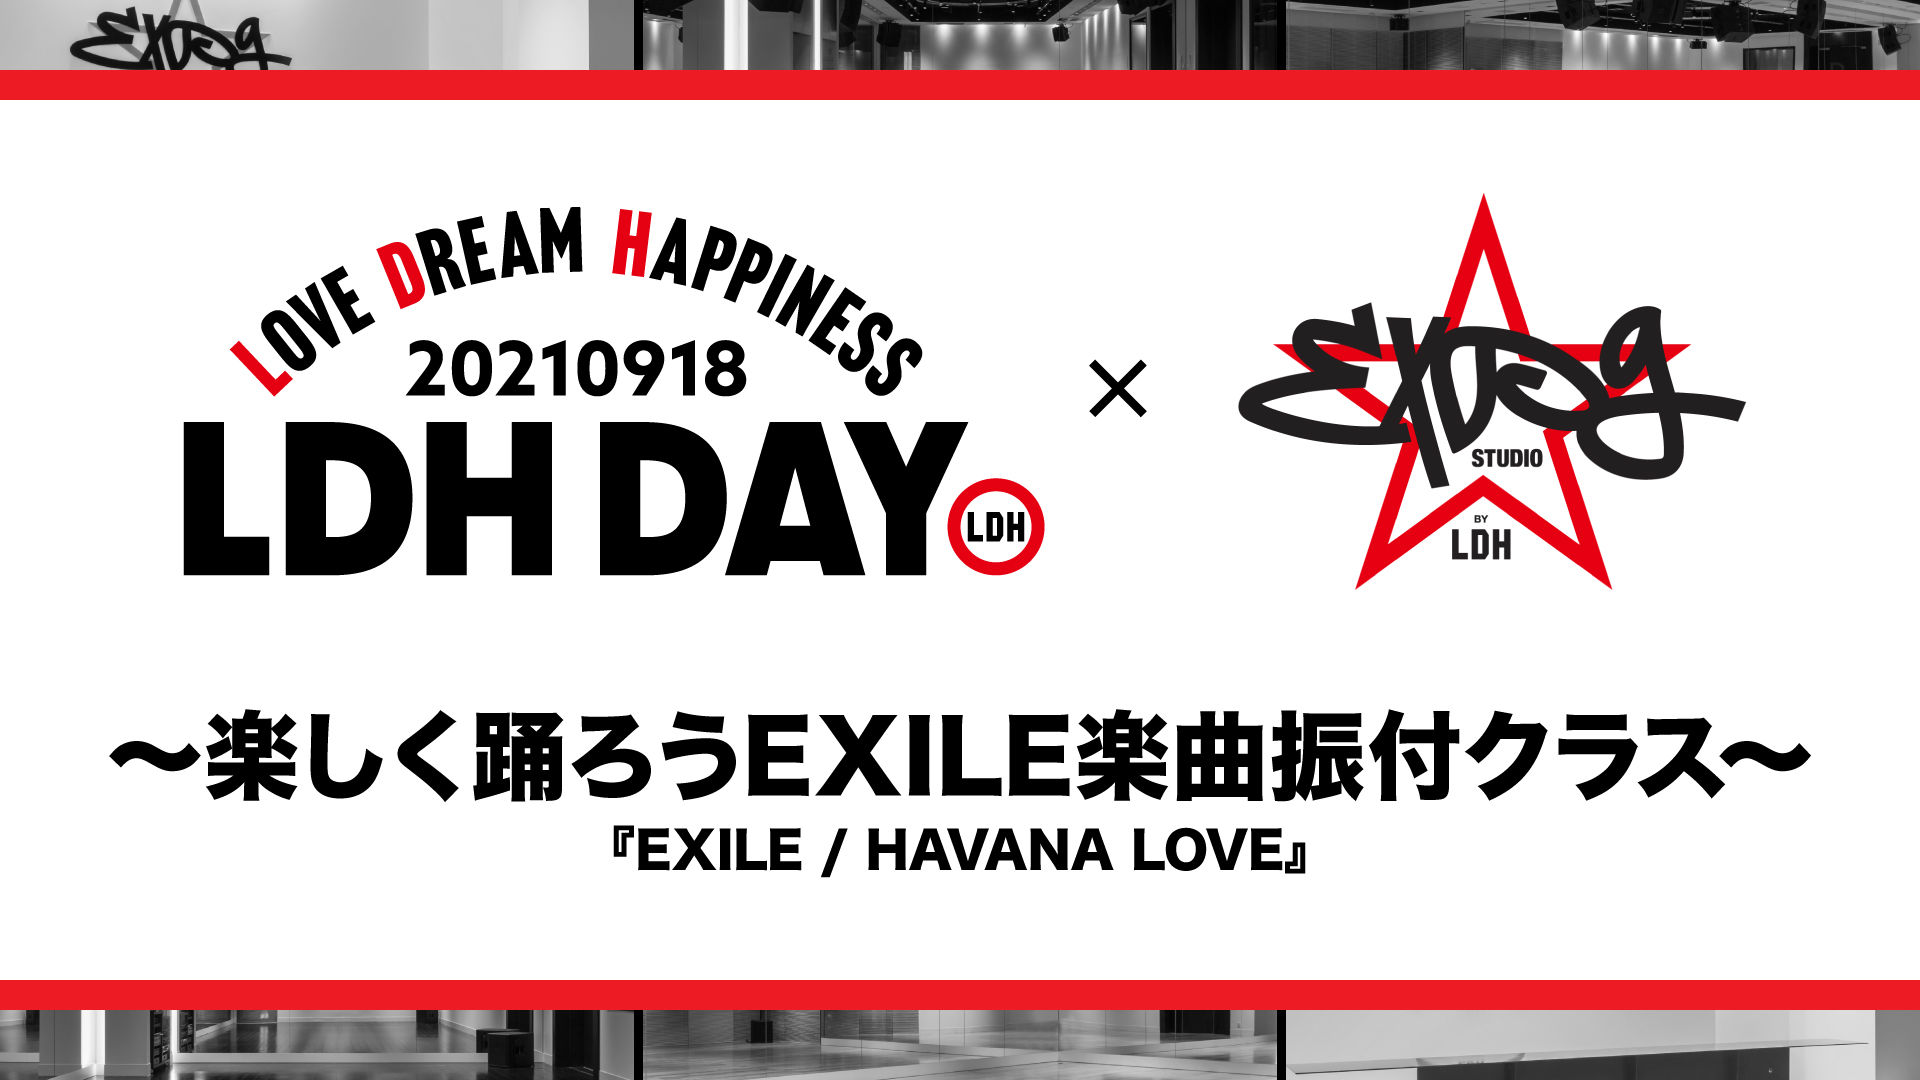 お知らせ/LDH DAY 918 FESTIVAL 2021 ~楽しく踊ろうEXILE楽曲振付クラス~